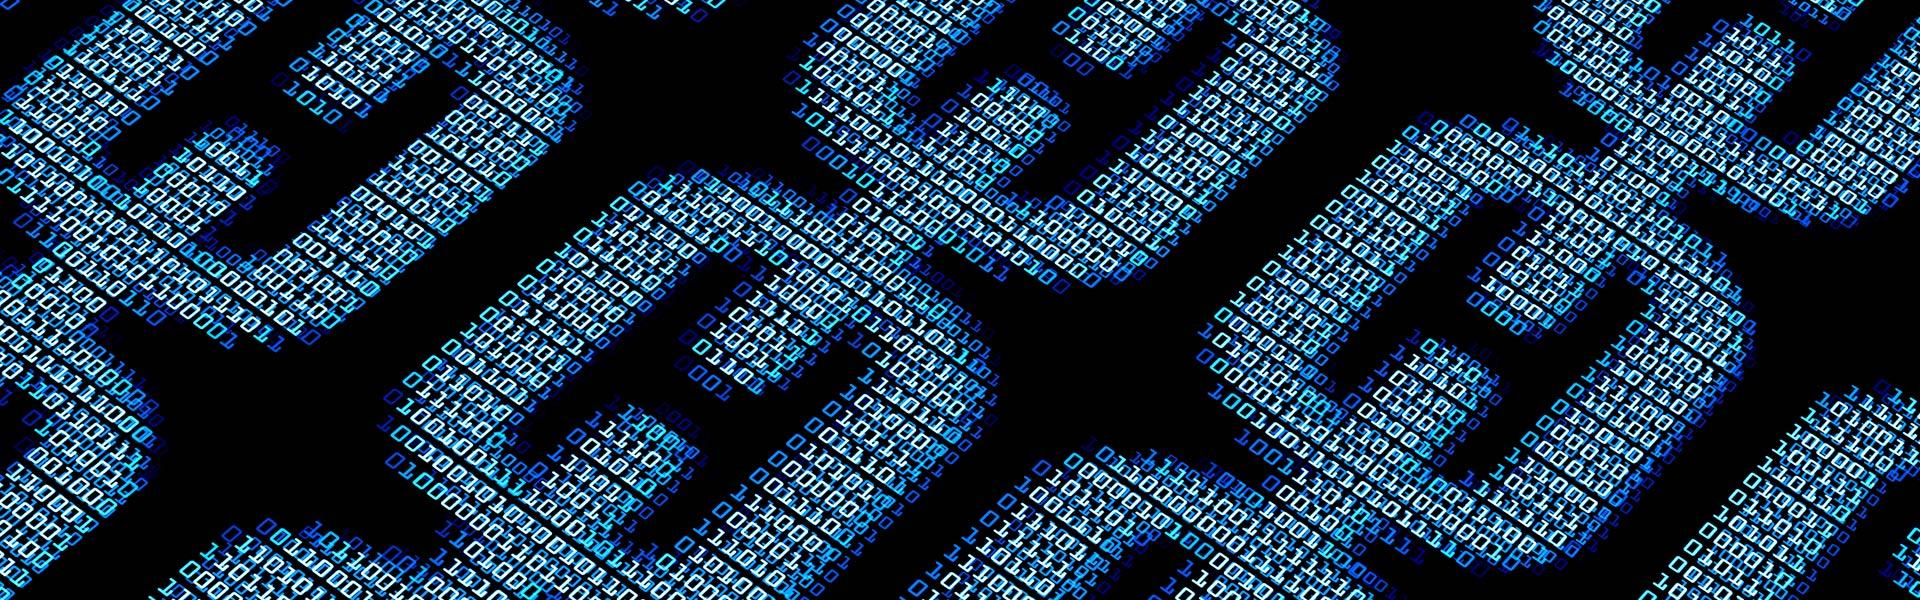 Inlea-blockchain-uses